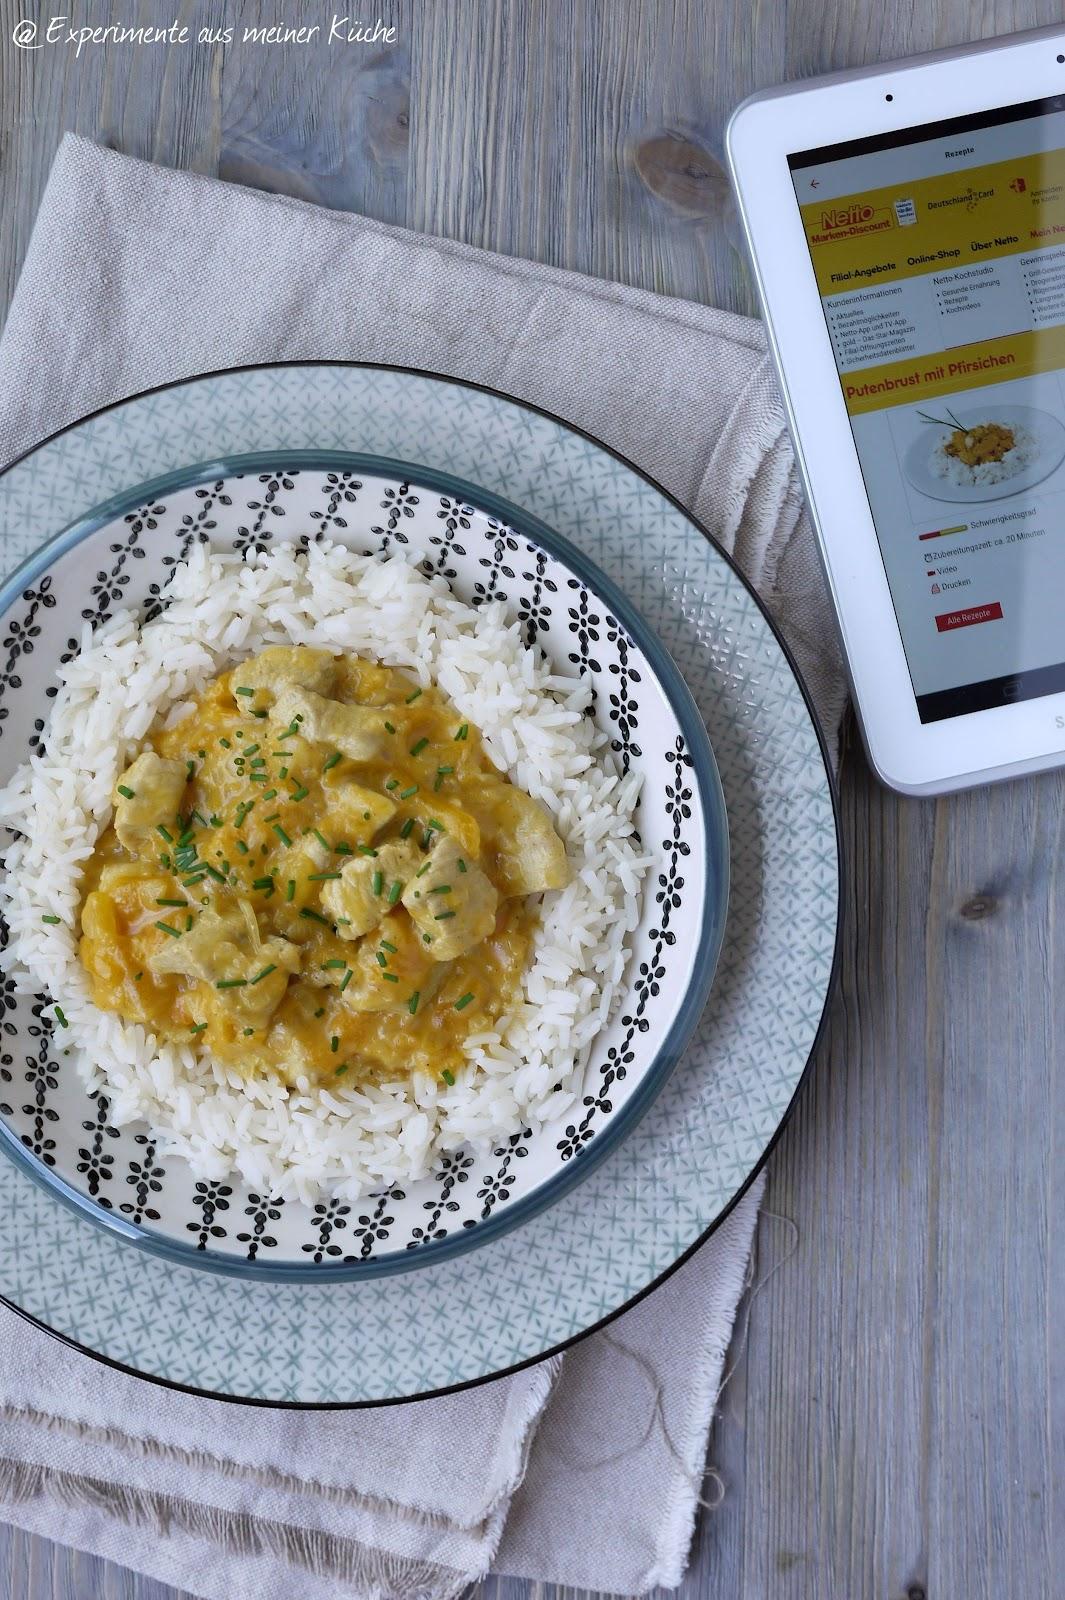 Groß Farbe Meiner Küche Blog Galerie - Küche Set Ideen ...